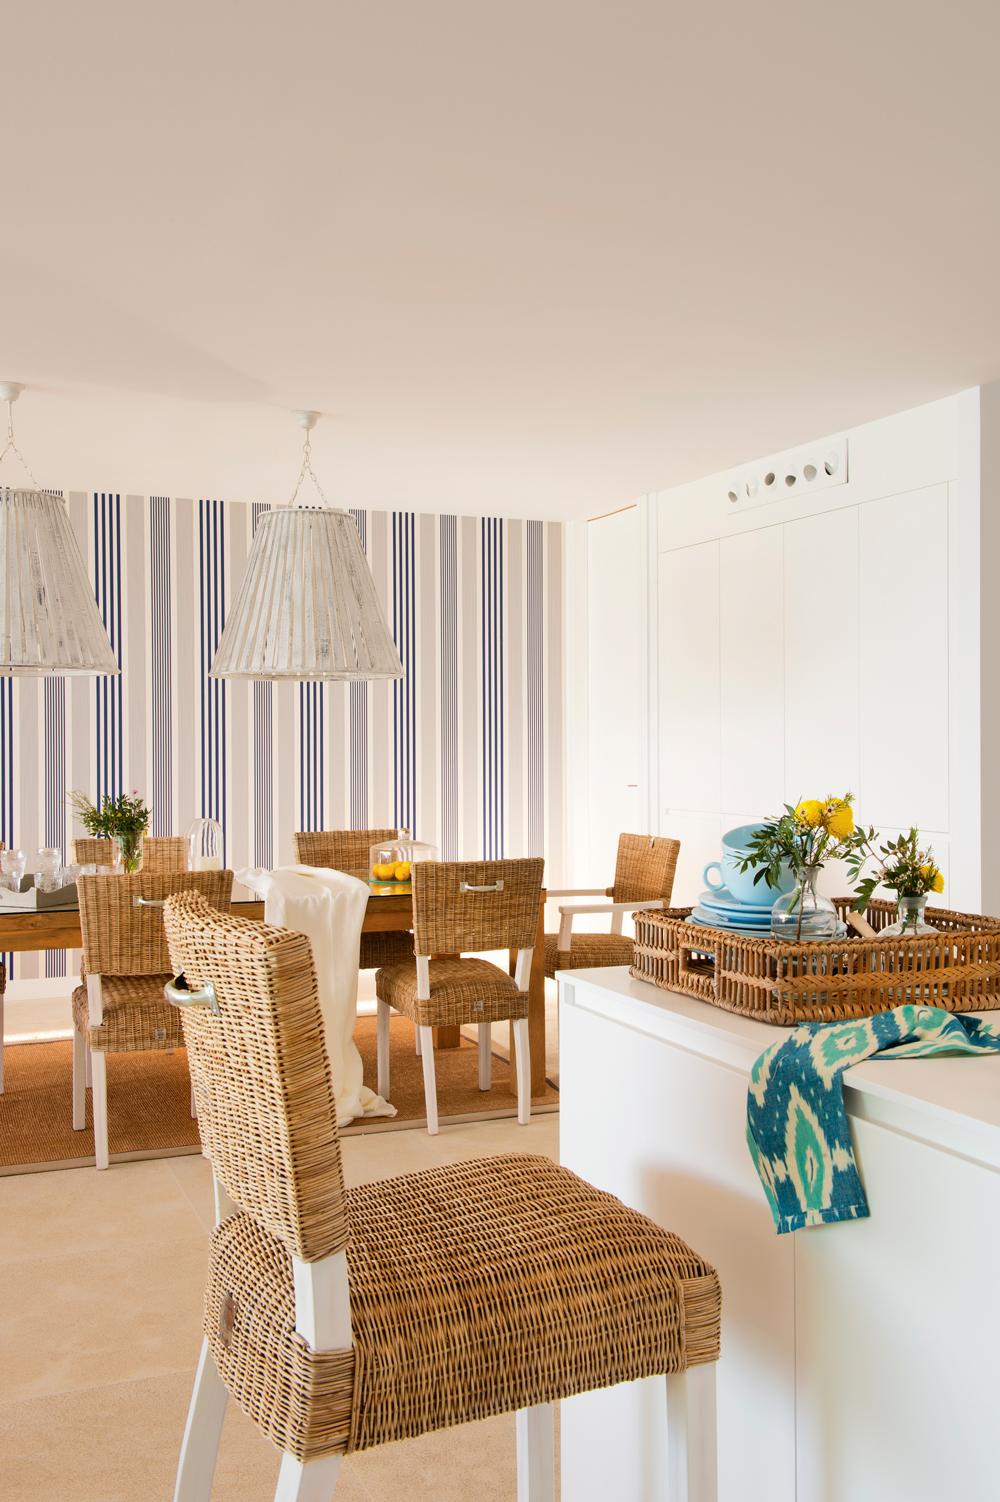 2437 fotos de cocinas - Muebles al natural ...